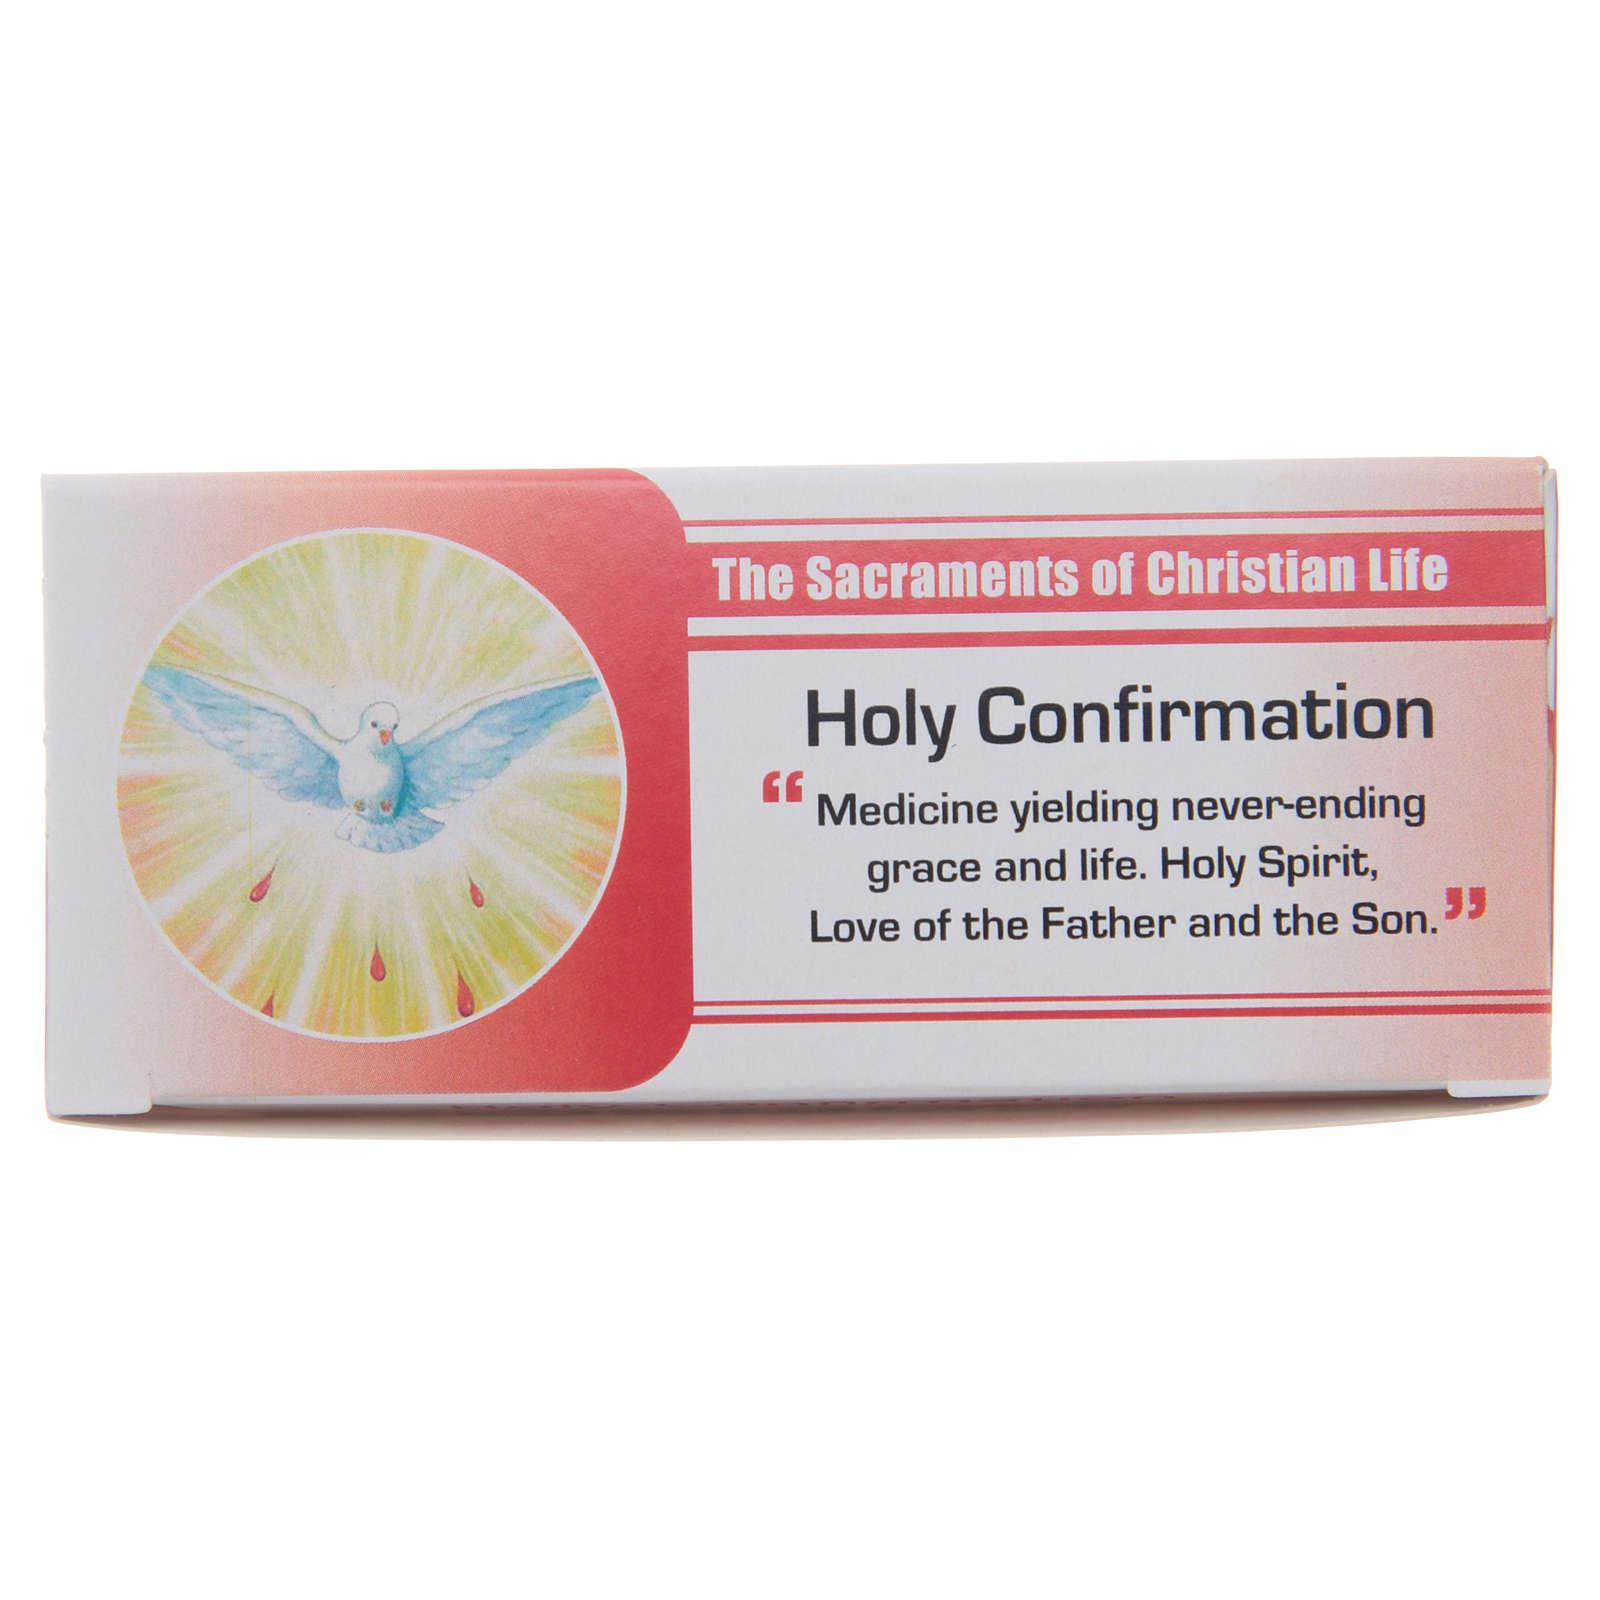 Rosario Sacramenti Vita Quotidiana per la Cresima INGLESE 4